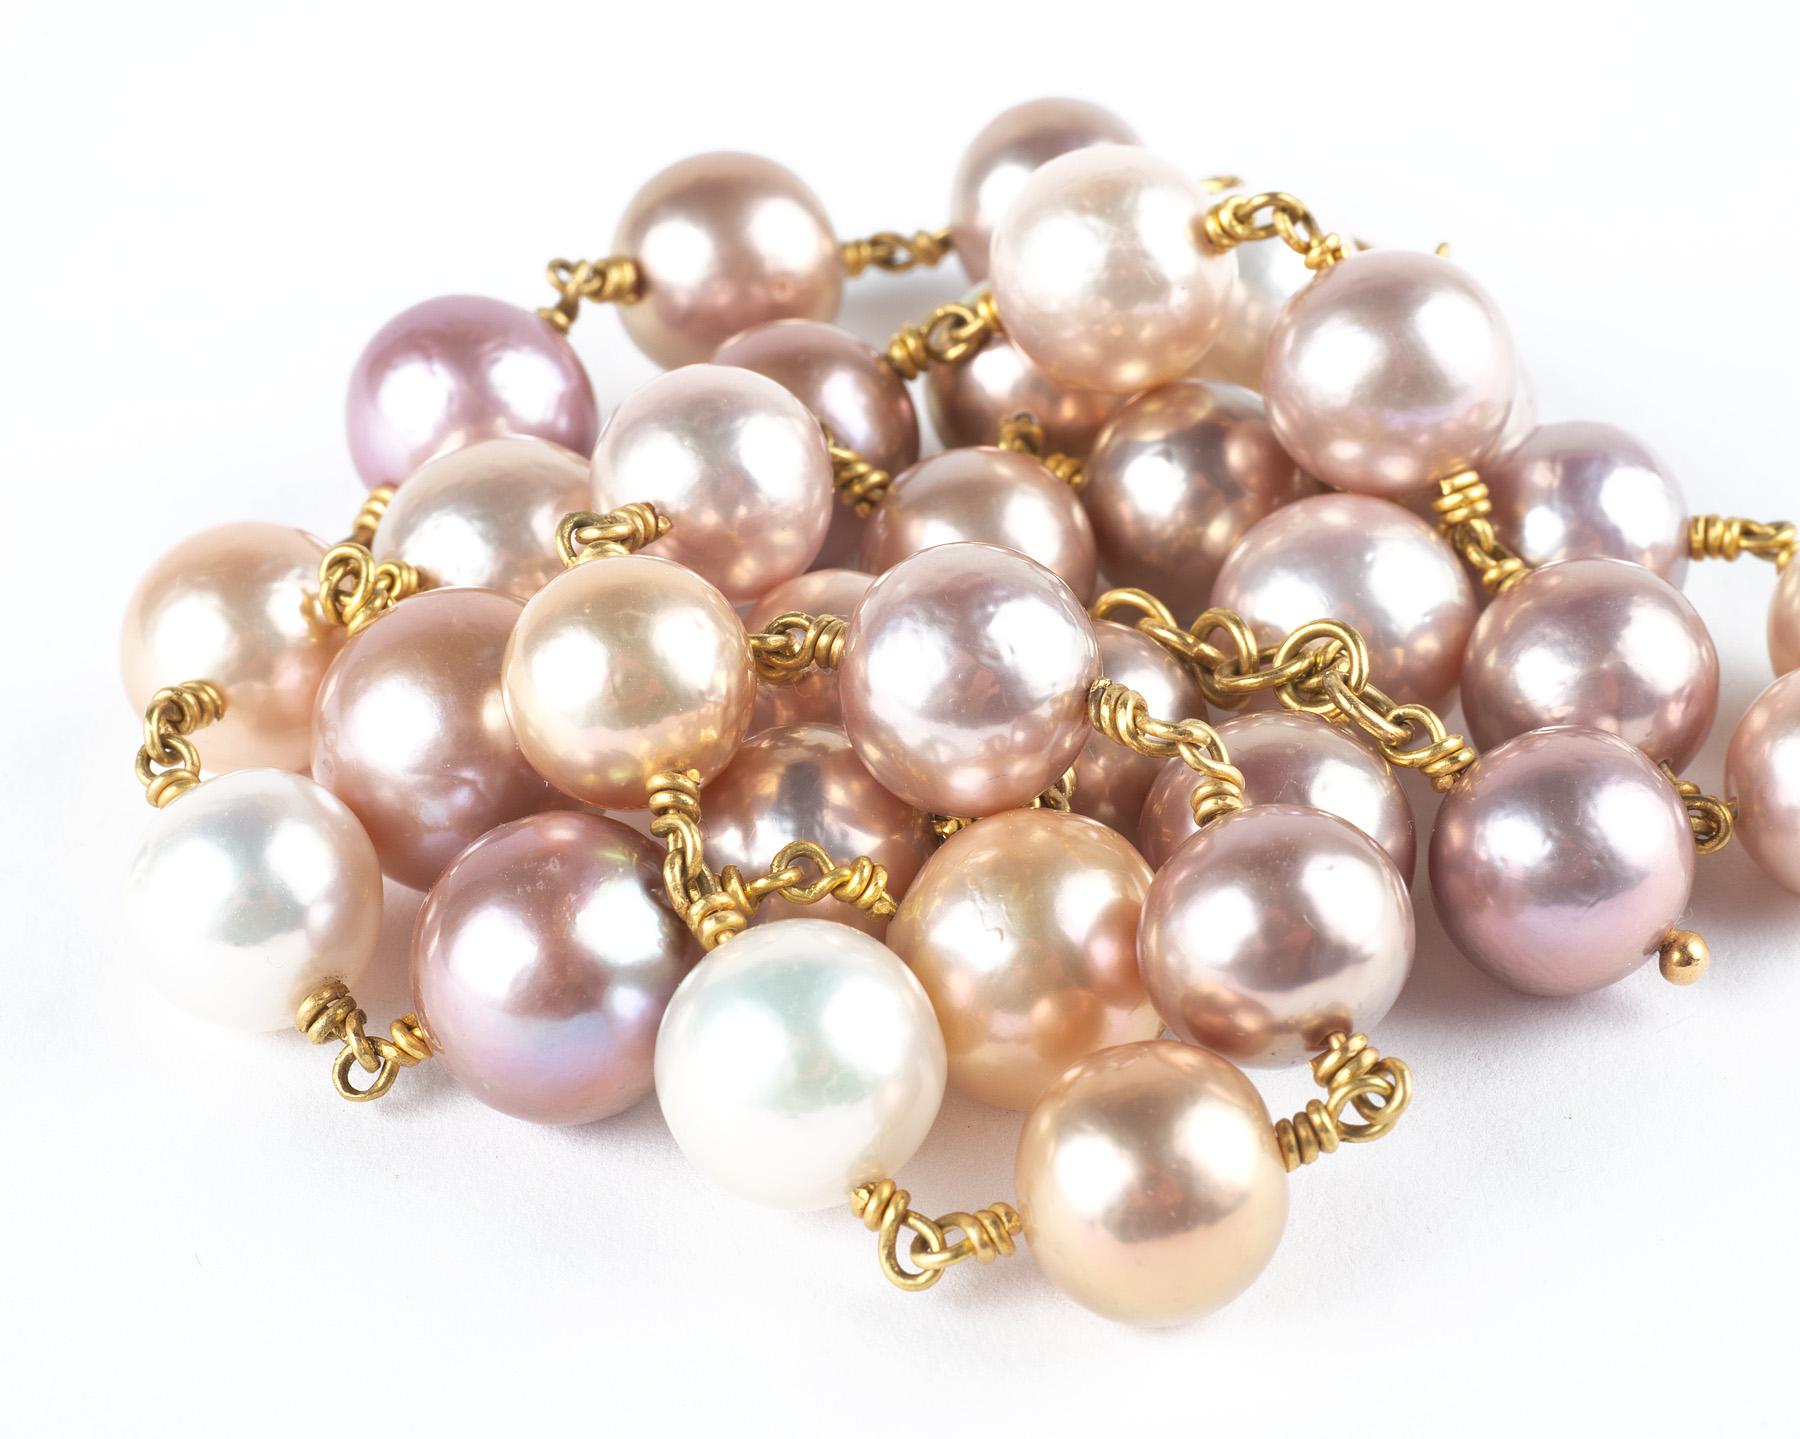 Pearls_039.jpg